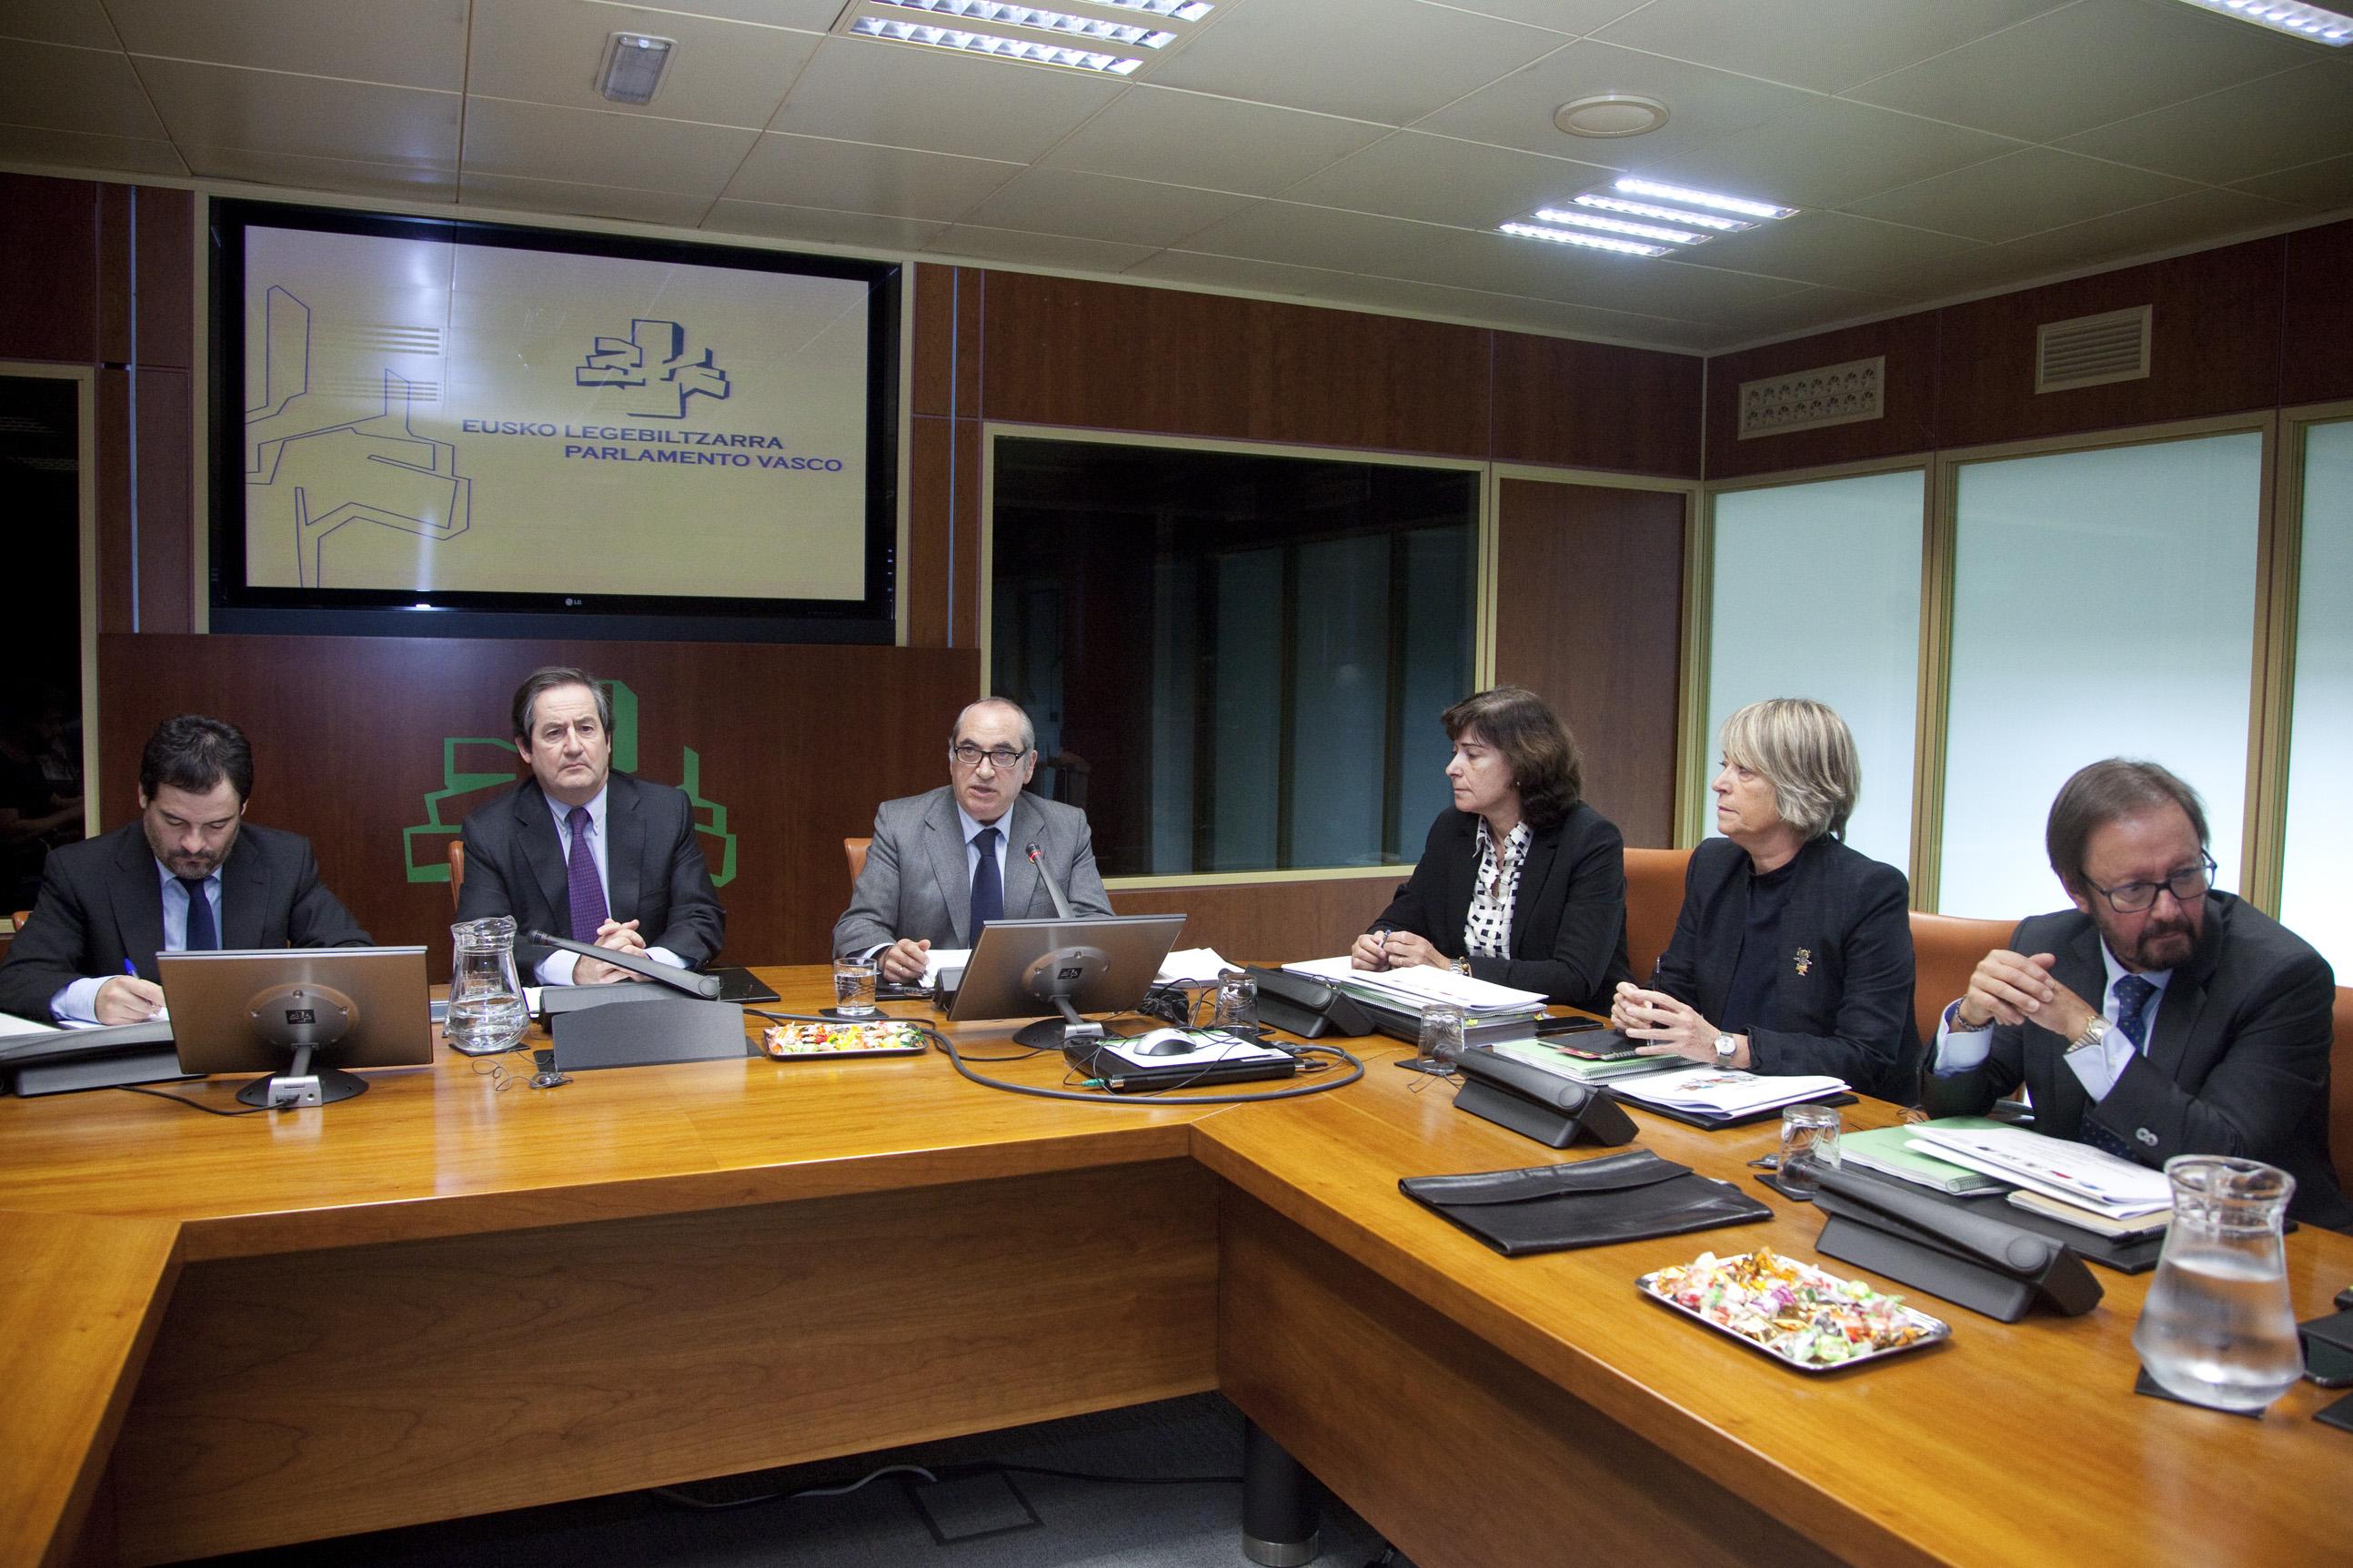 Irekia eusko jaurlaritza gobierno vasco el for Oficina de medio ambiente